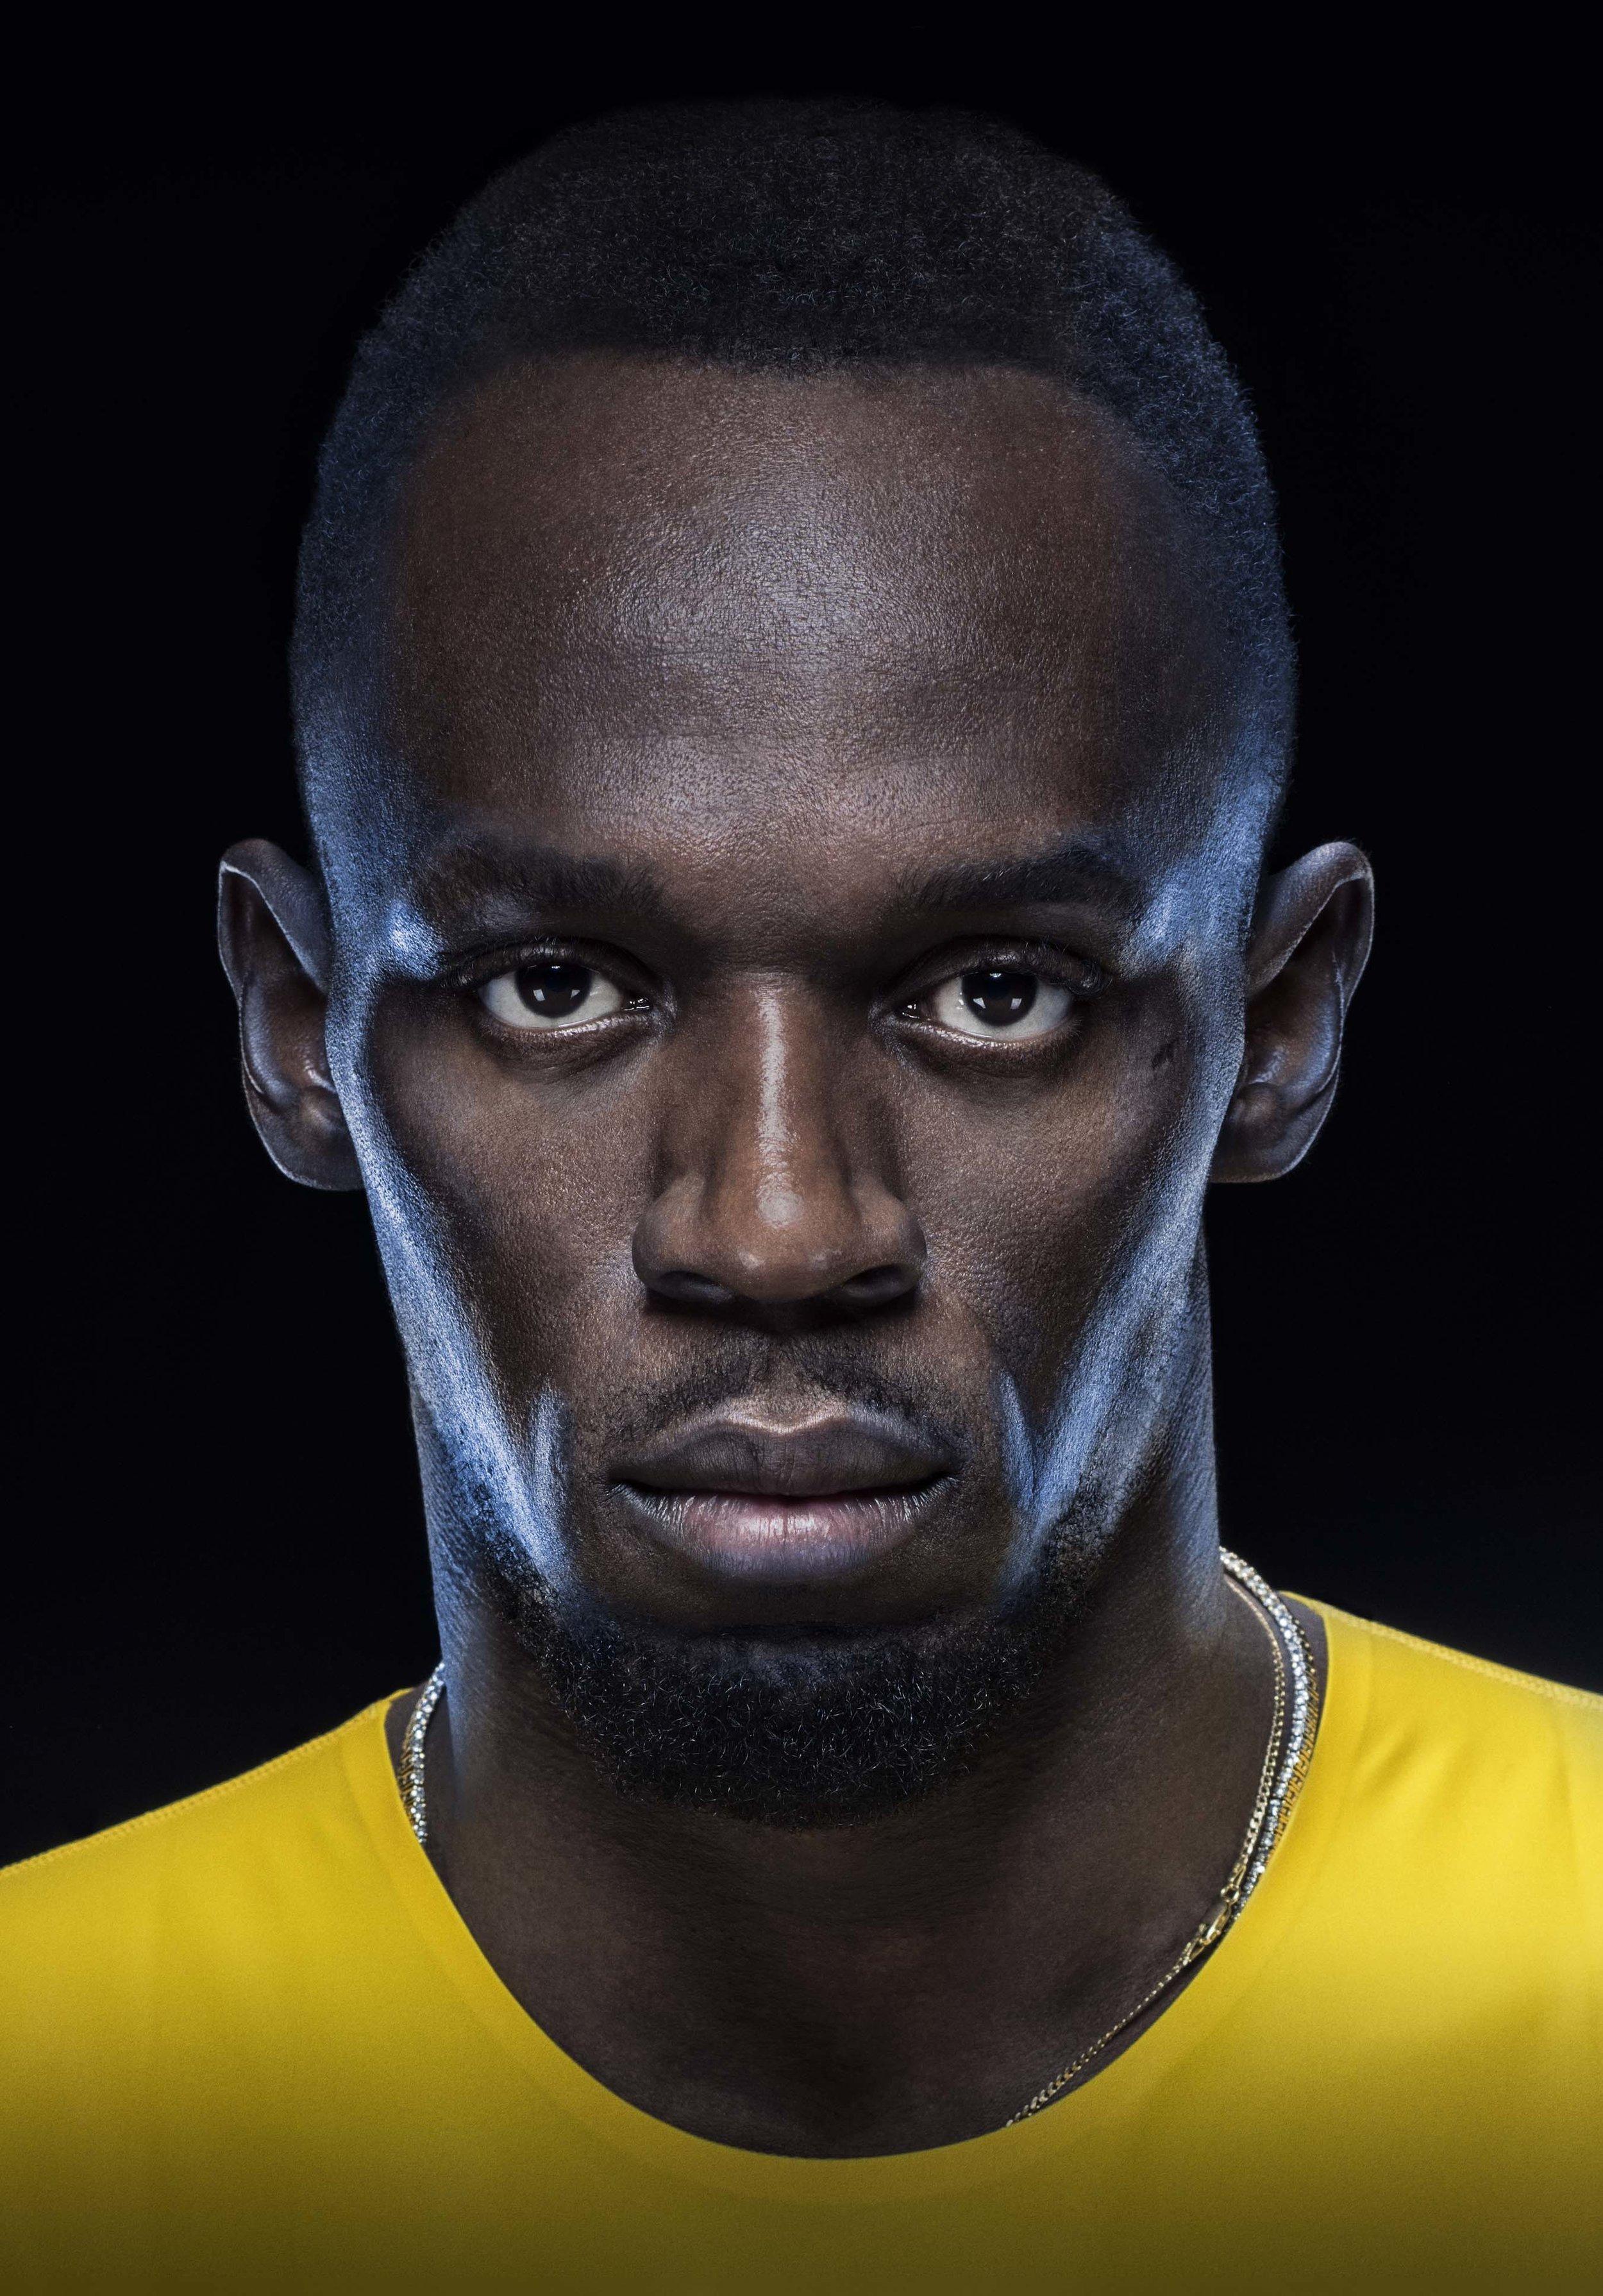 Usain_Bolt15056.jpg